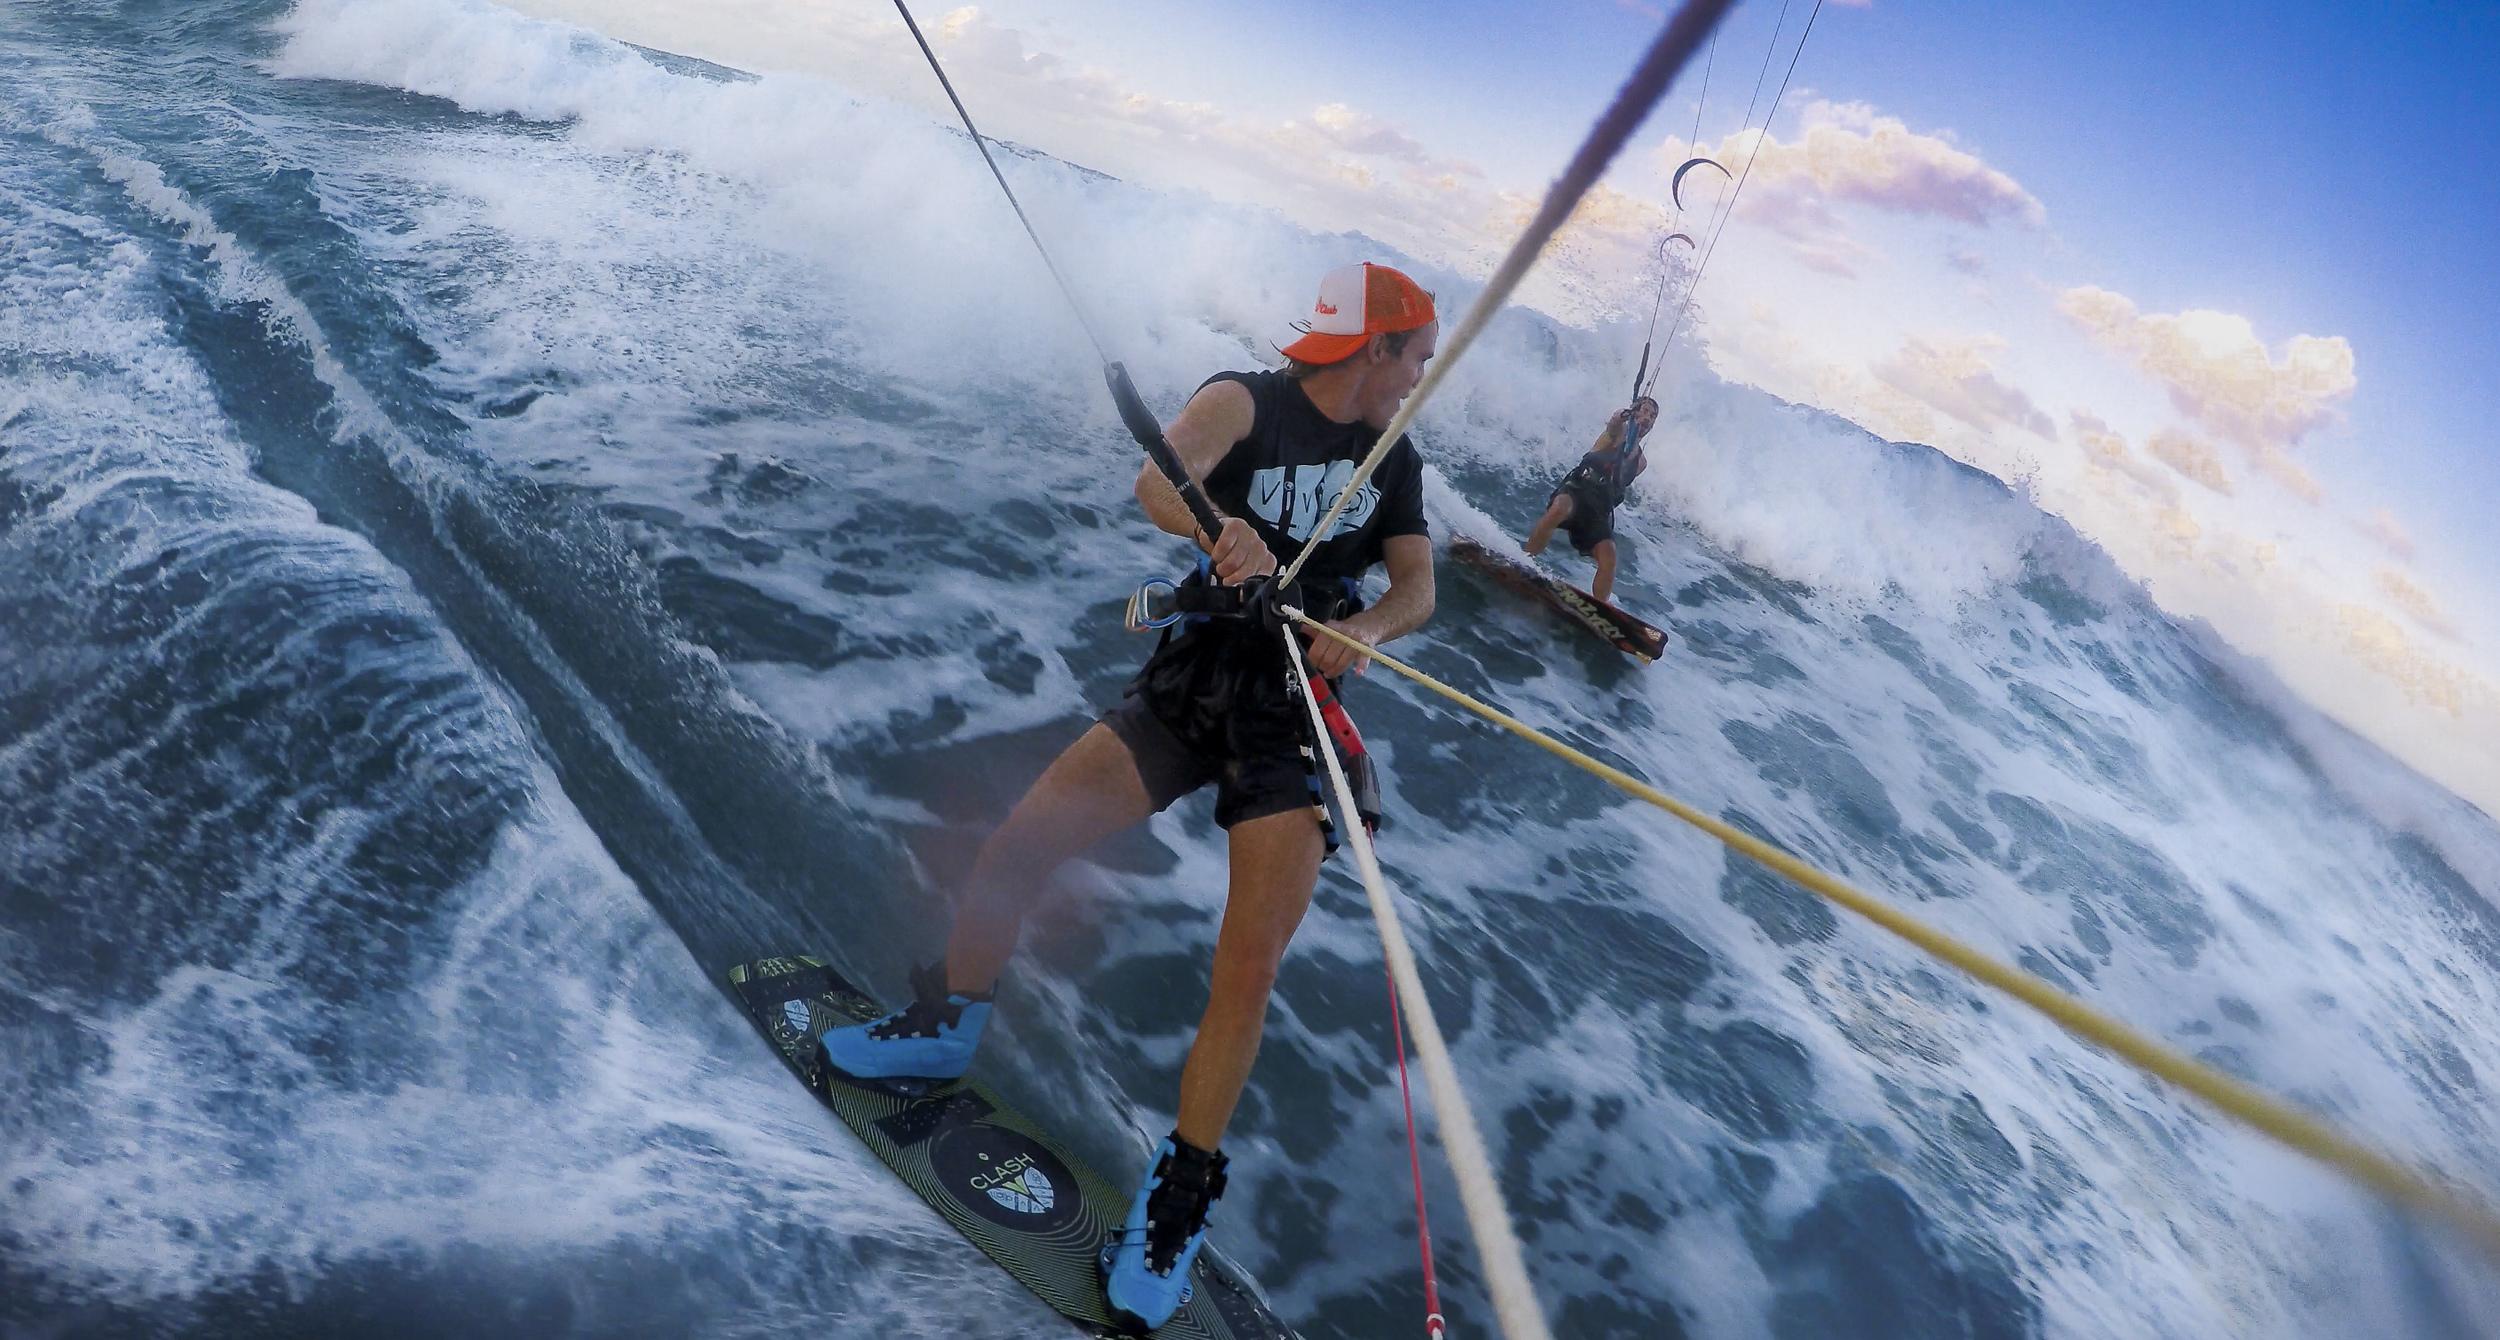 DHB Tanna Kiteboarding vivida lime surf tee.jpg